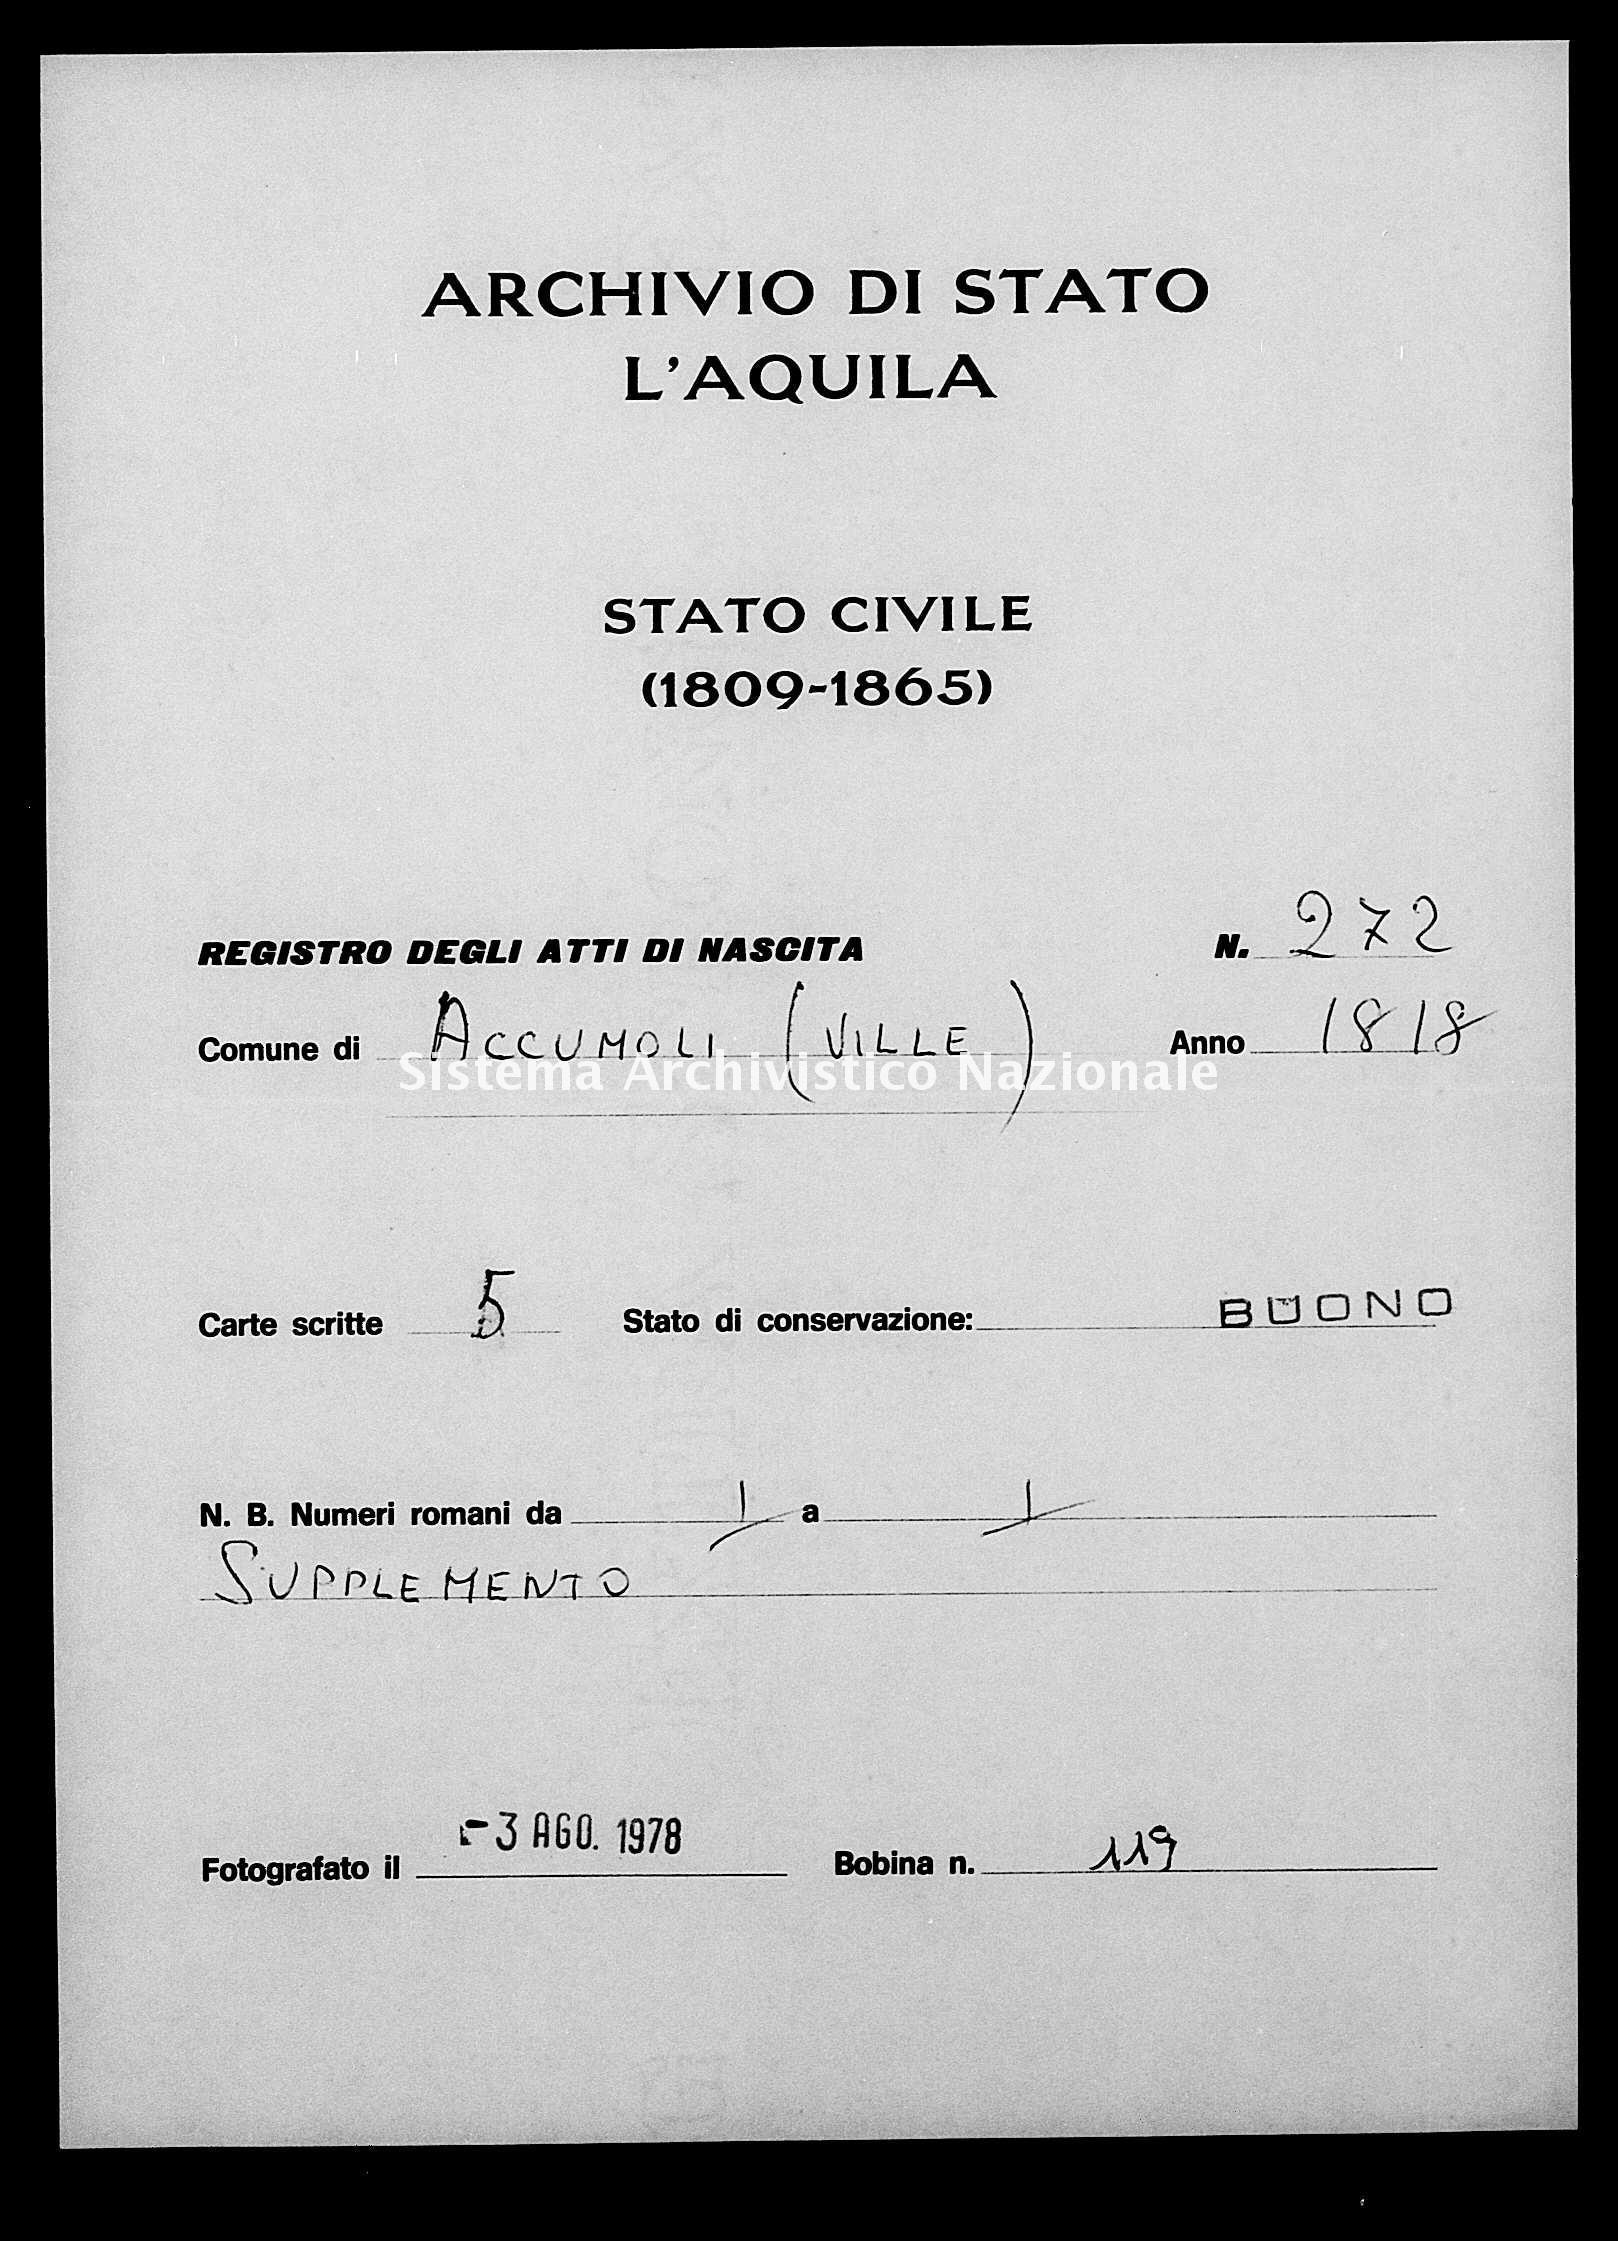 Archivio di stato di L'aquila - Stato civile della restaurazione - Accumoli - Nati - 17/02/1818-18/08/1818 - 272 -